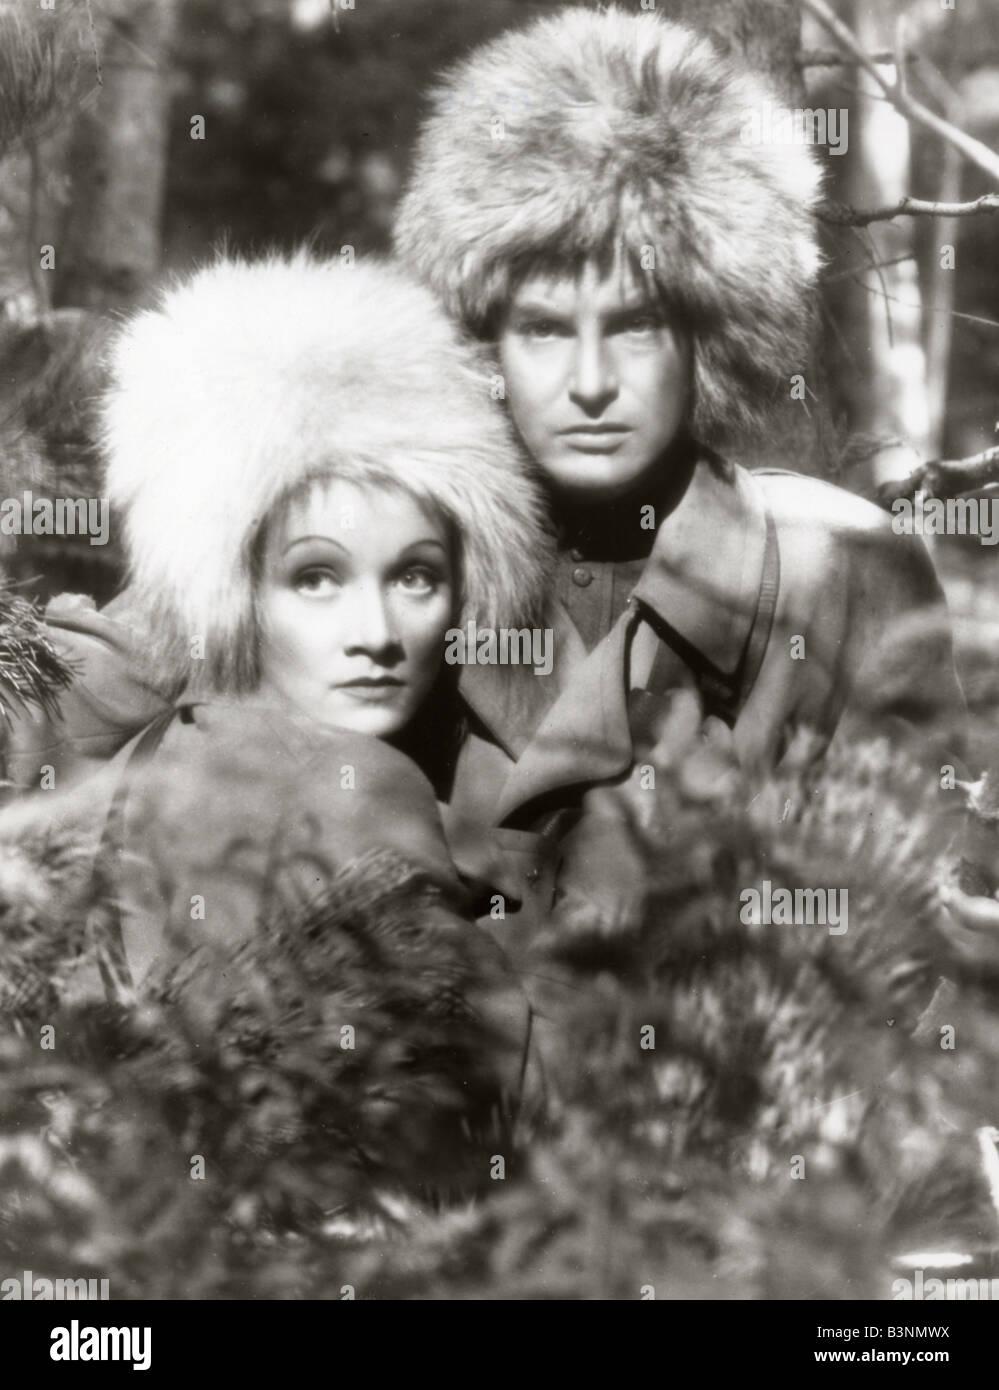 Ritter ohne Rüstung 1937 London Filme Film mit Robert Donat und Marlene Dietrich Stockbild